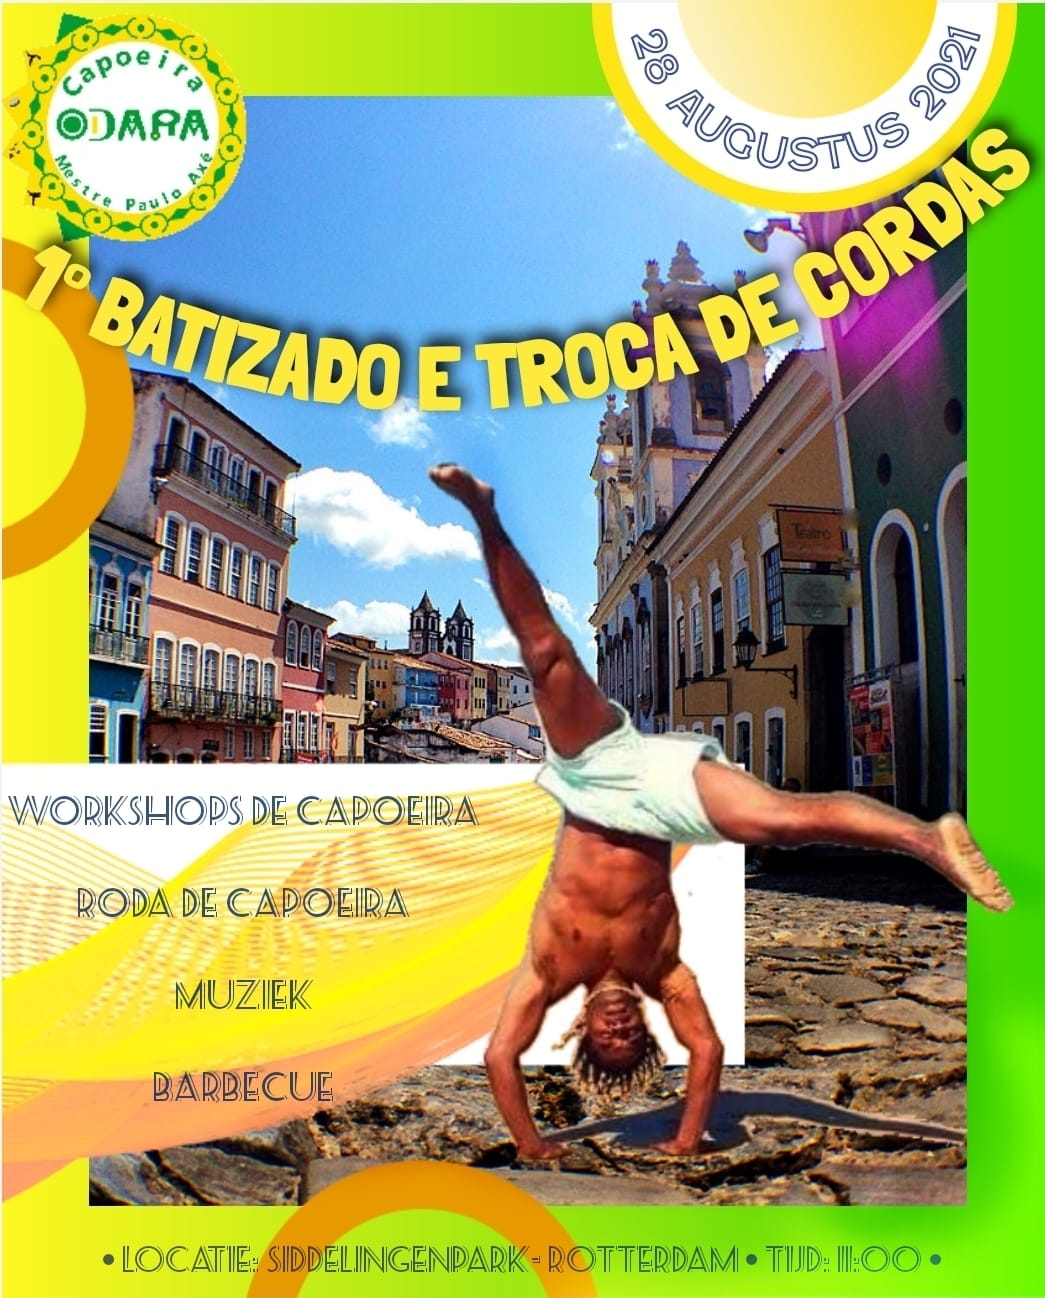 Workshop Capoeira Odara